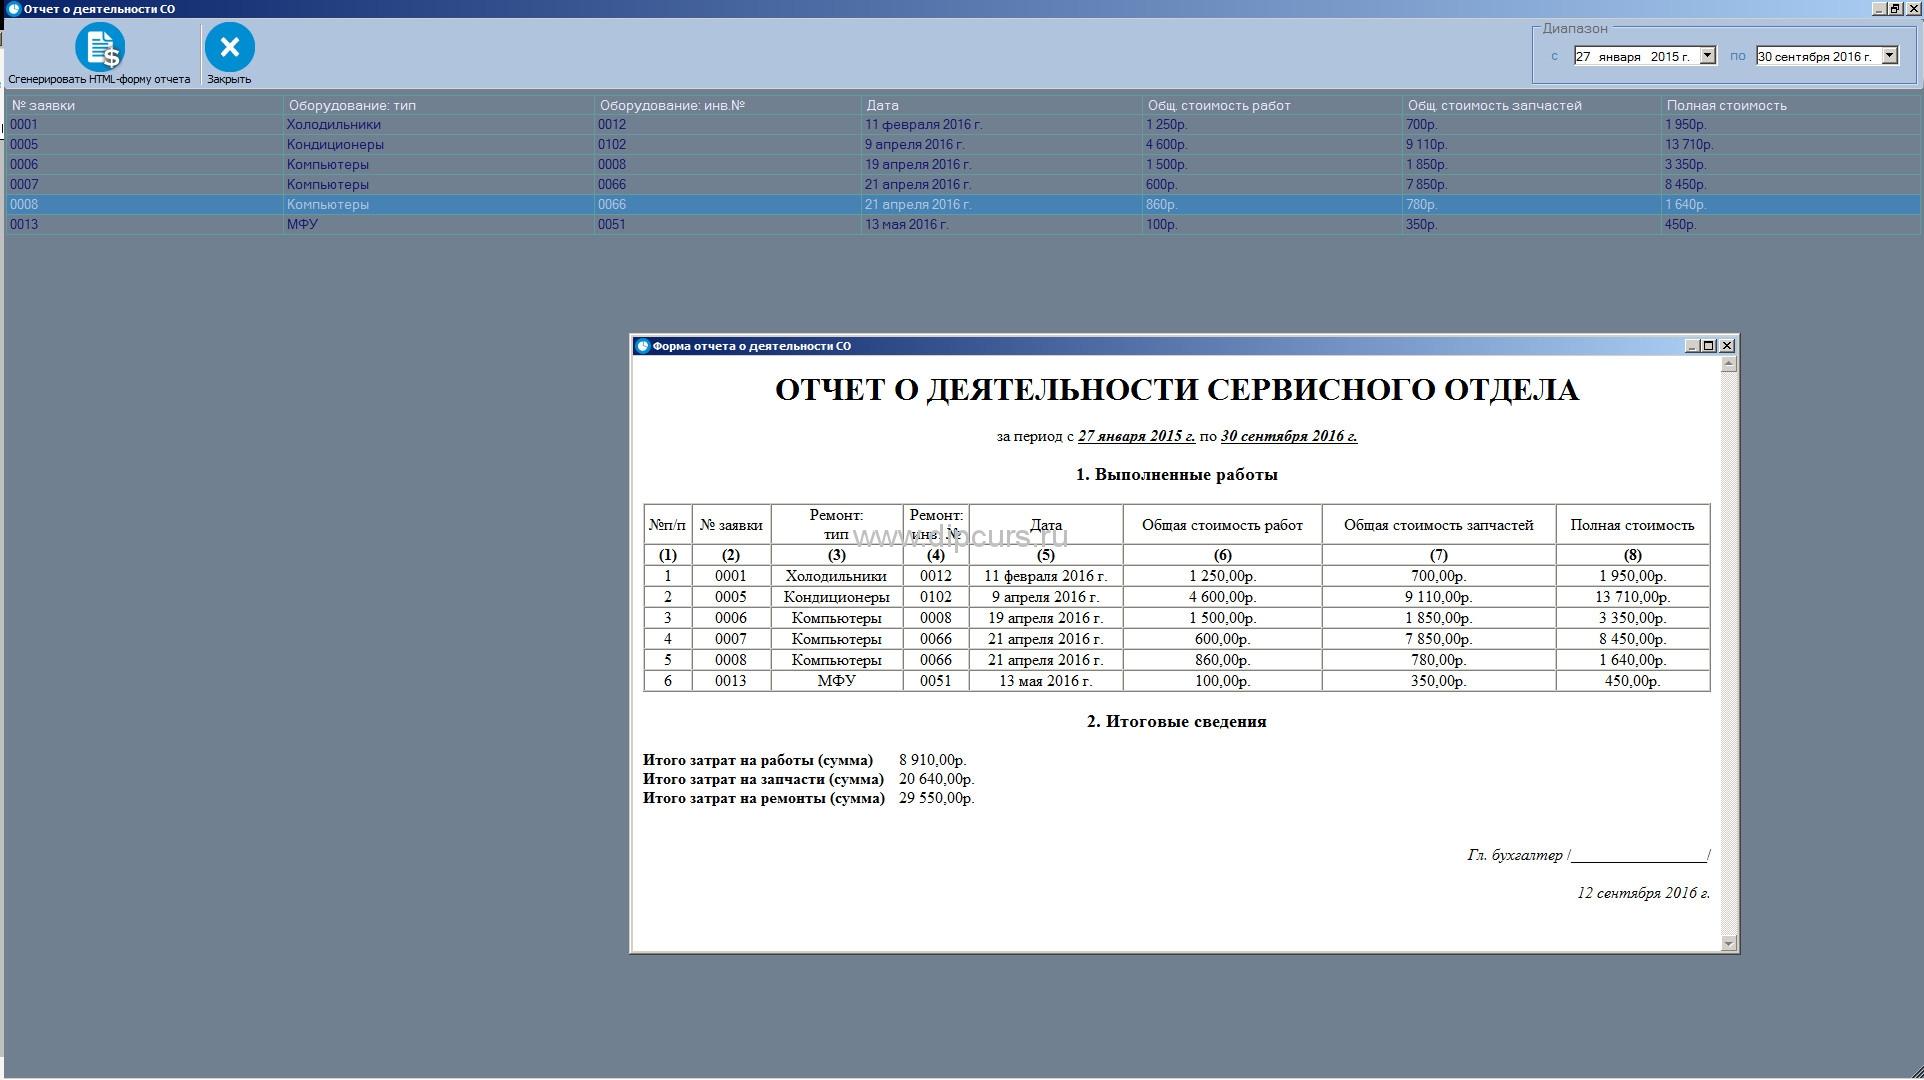 c dipcurs Страница работы с отчетами системы учета деятельности сервисного отдела